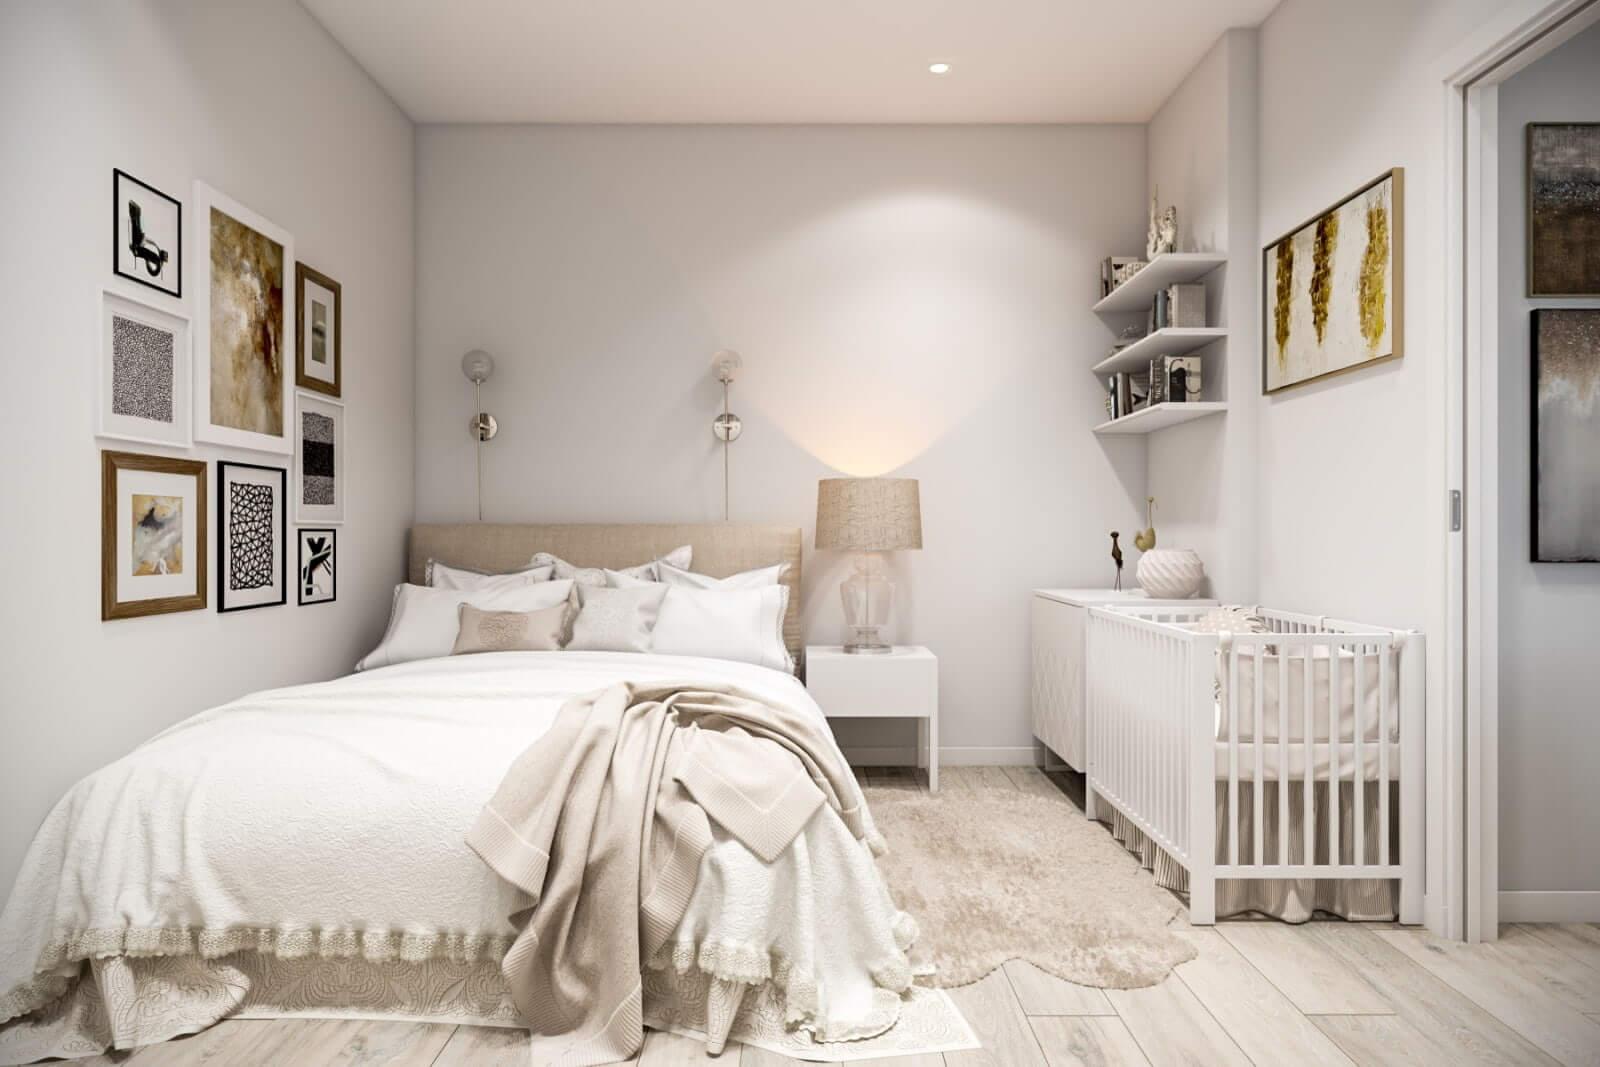 Какая детская кроватка лучше круглая или квадратная